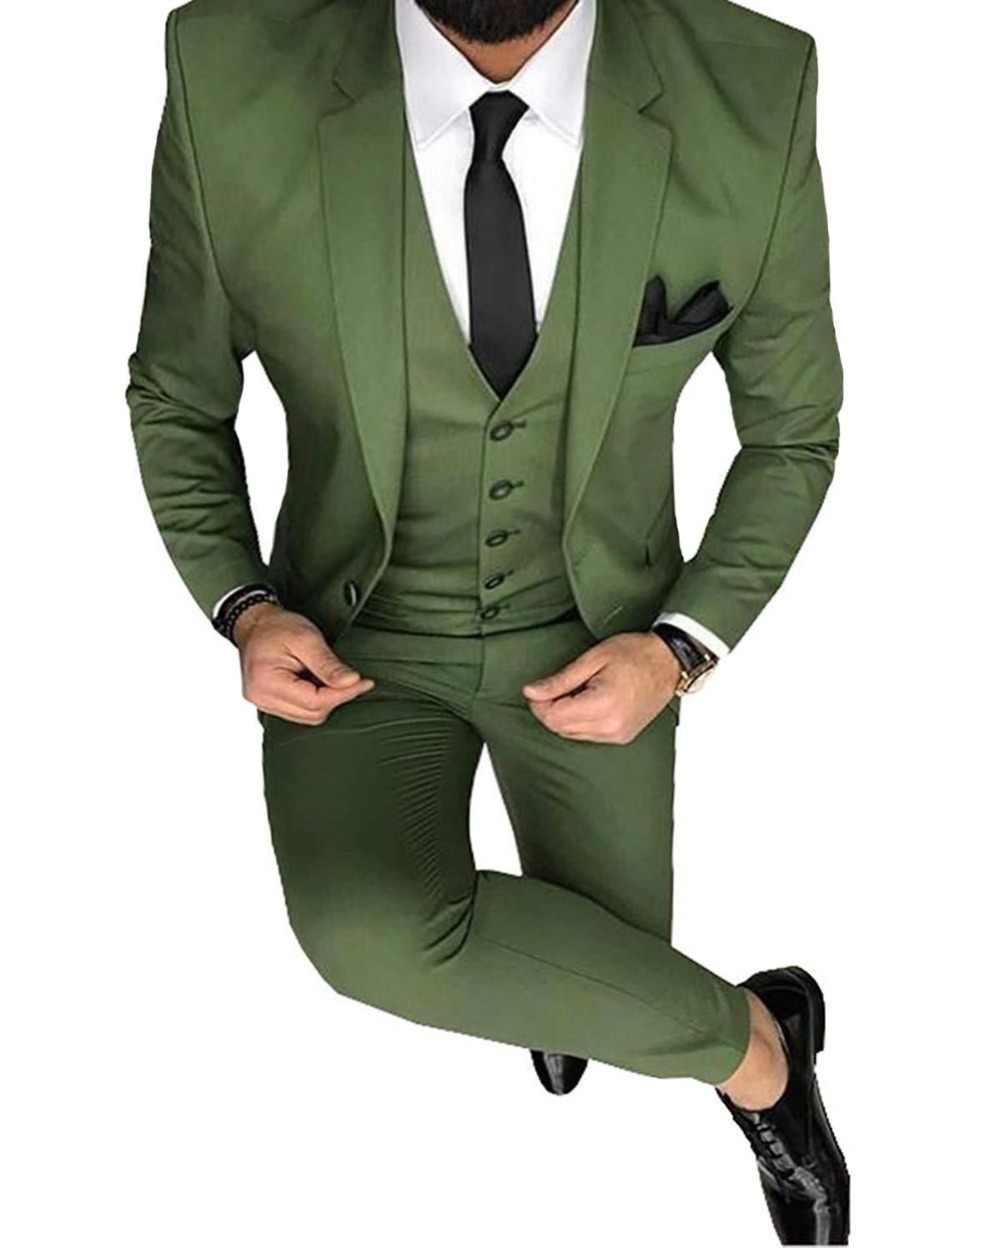 ファッションメンズ Oilve グリーンブルー 3 のスリムフィットノッチブレザークラシックタキシードの付添人パーティー (ブレザー + ベスト + パンツ) 新 2019